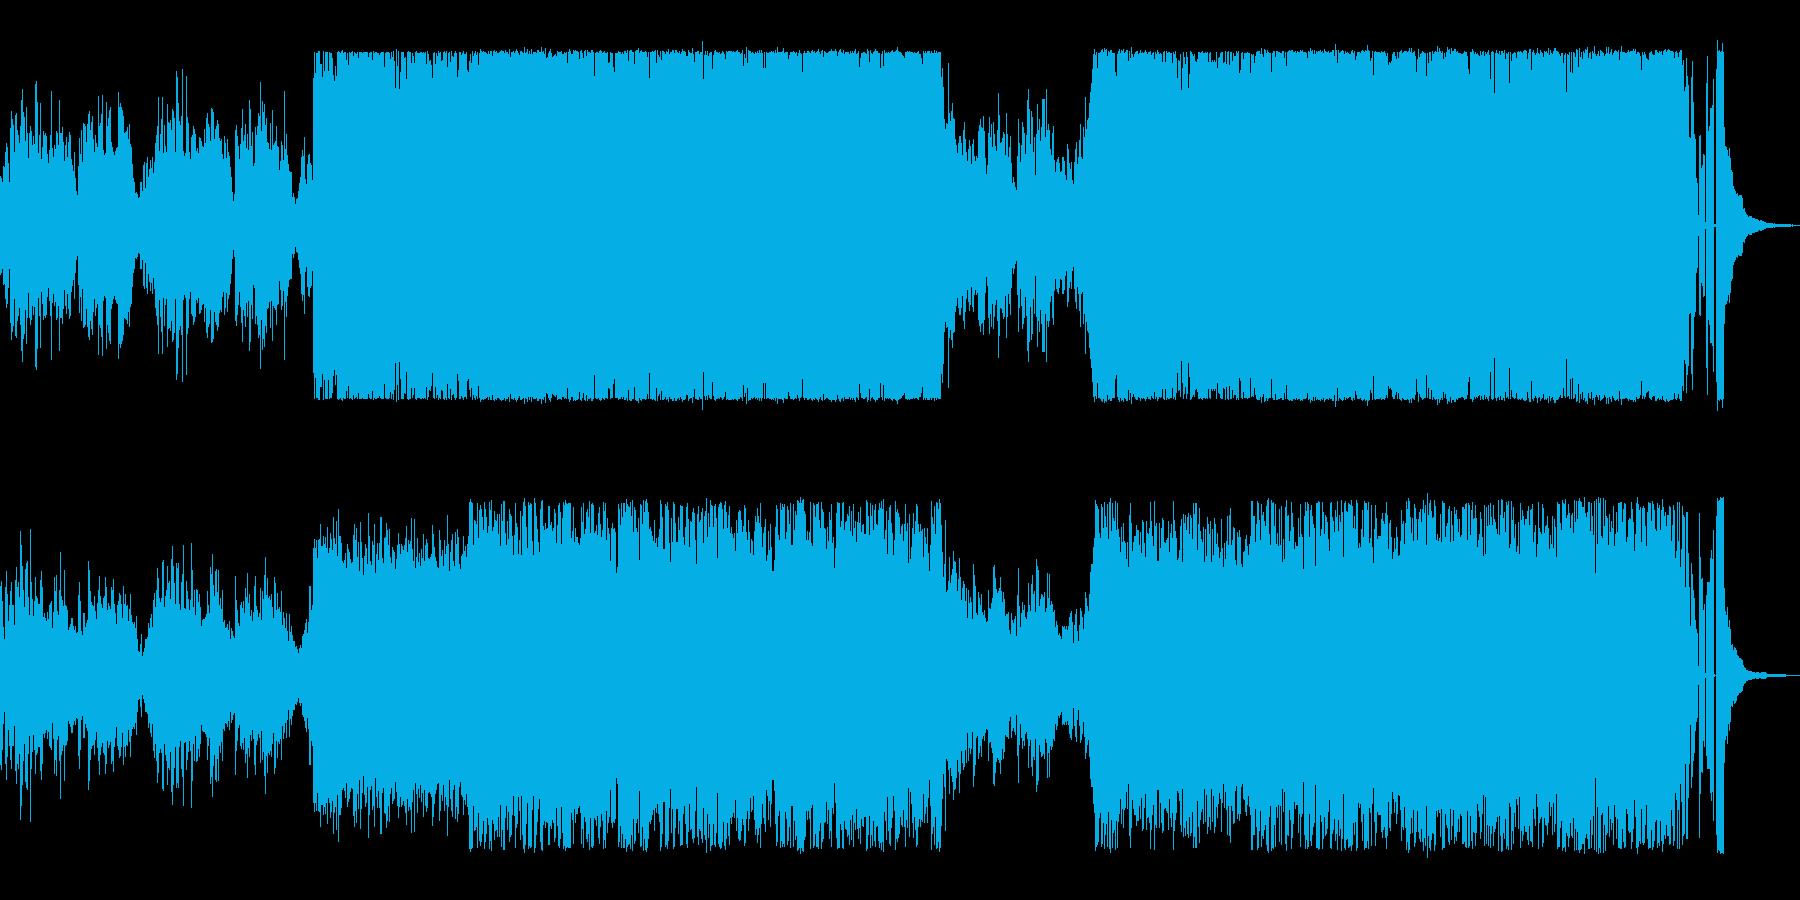 童謡の雰囲気のあるホラーBGMの再生済みの波形